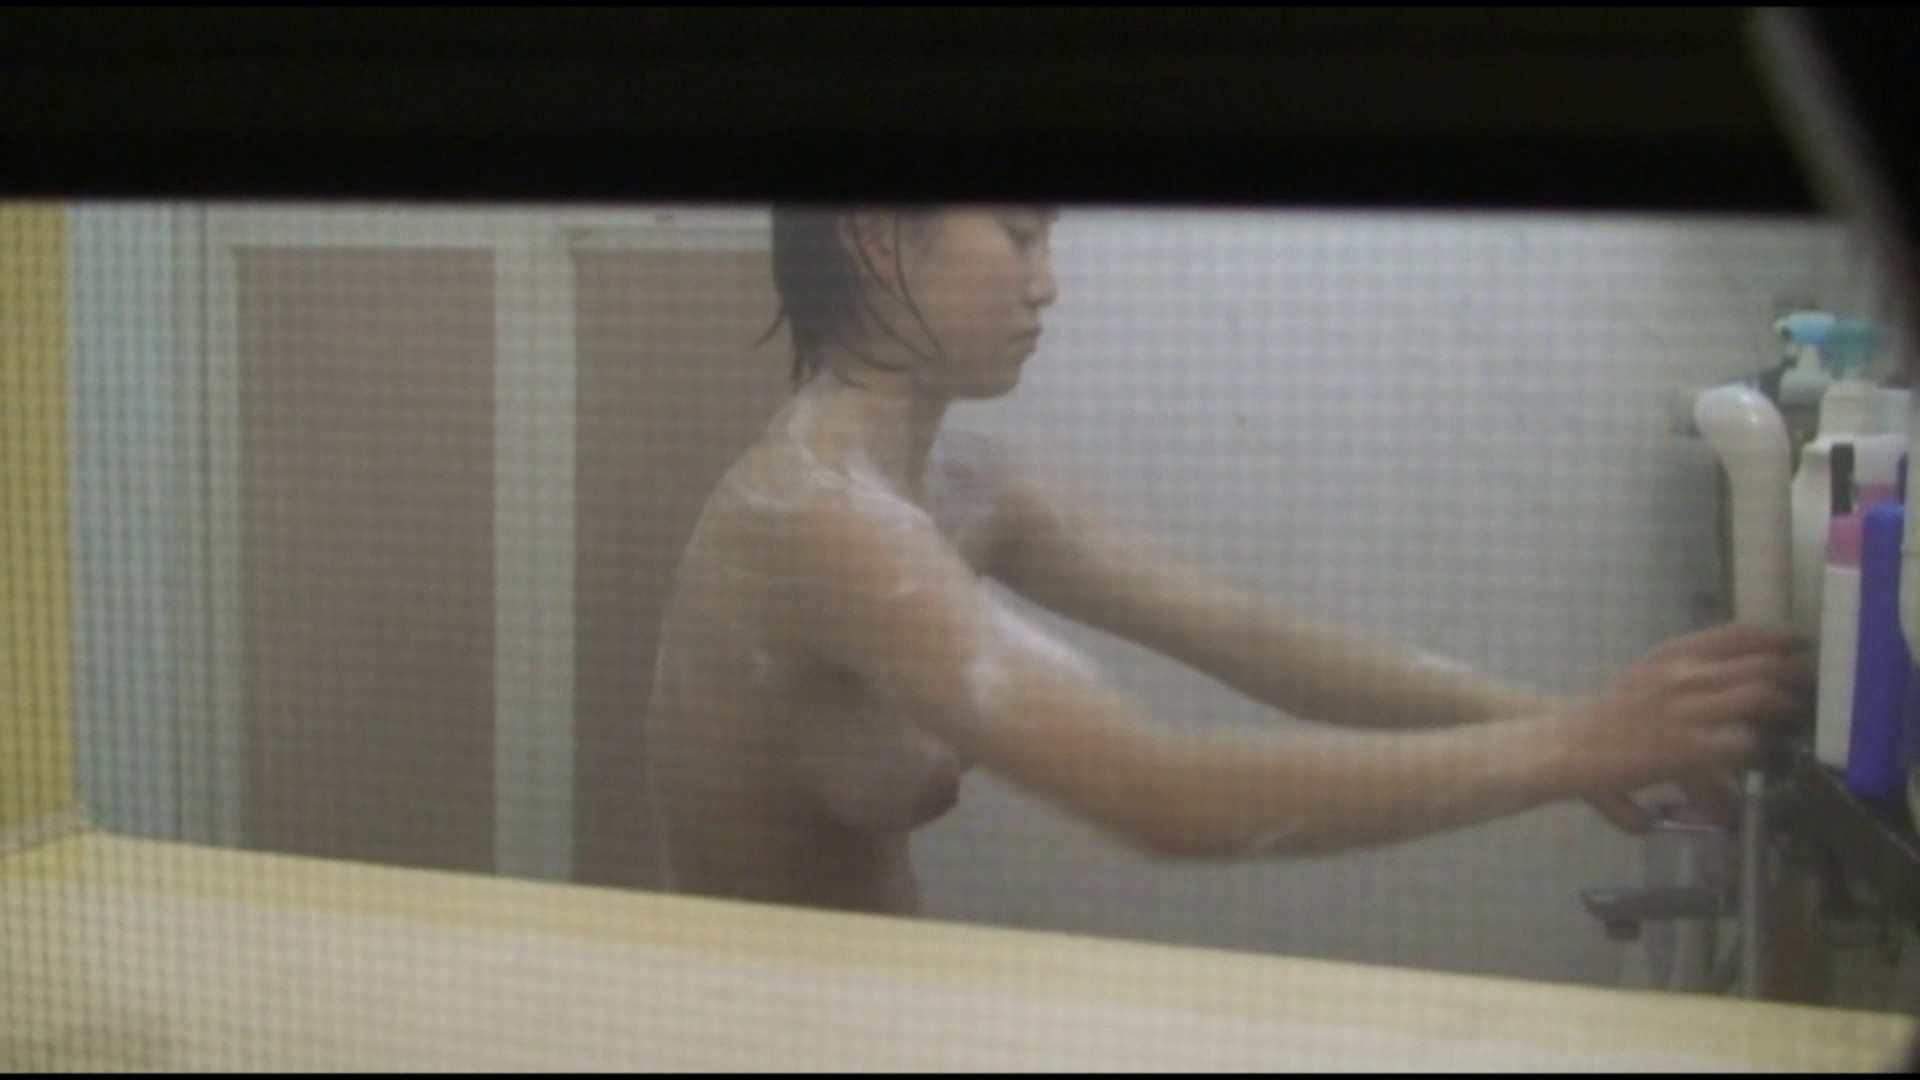 vol.04巨乳美人のおっぱいがプルルンッと弾けてます!風呂上りも必見 おっぱい オマンコ動画キャプチャ 105連発 102